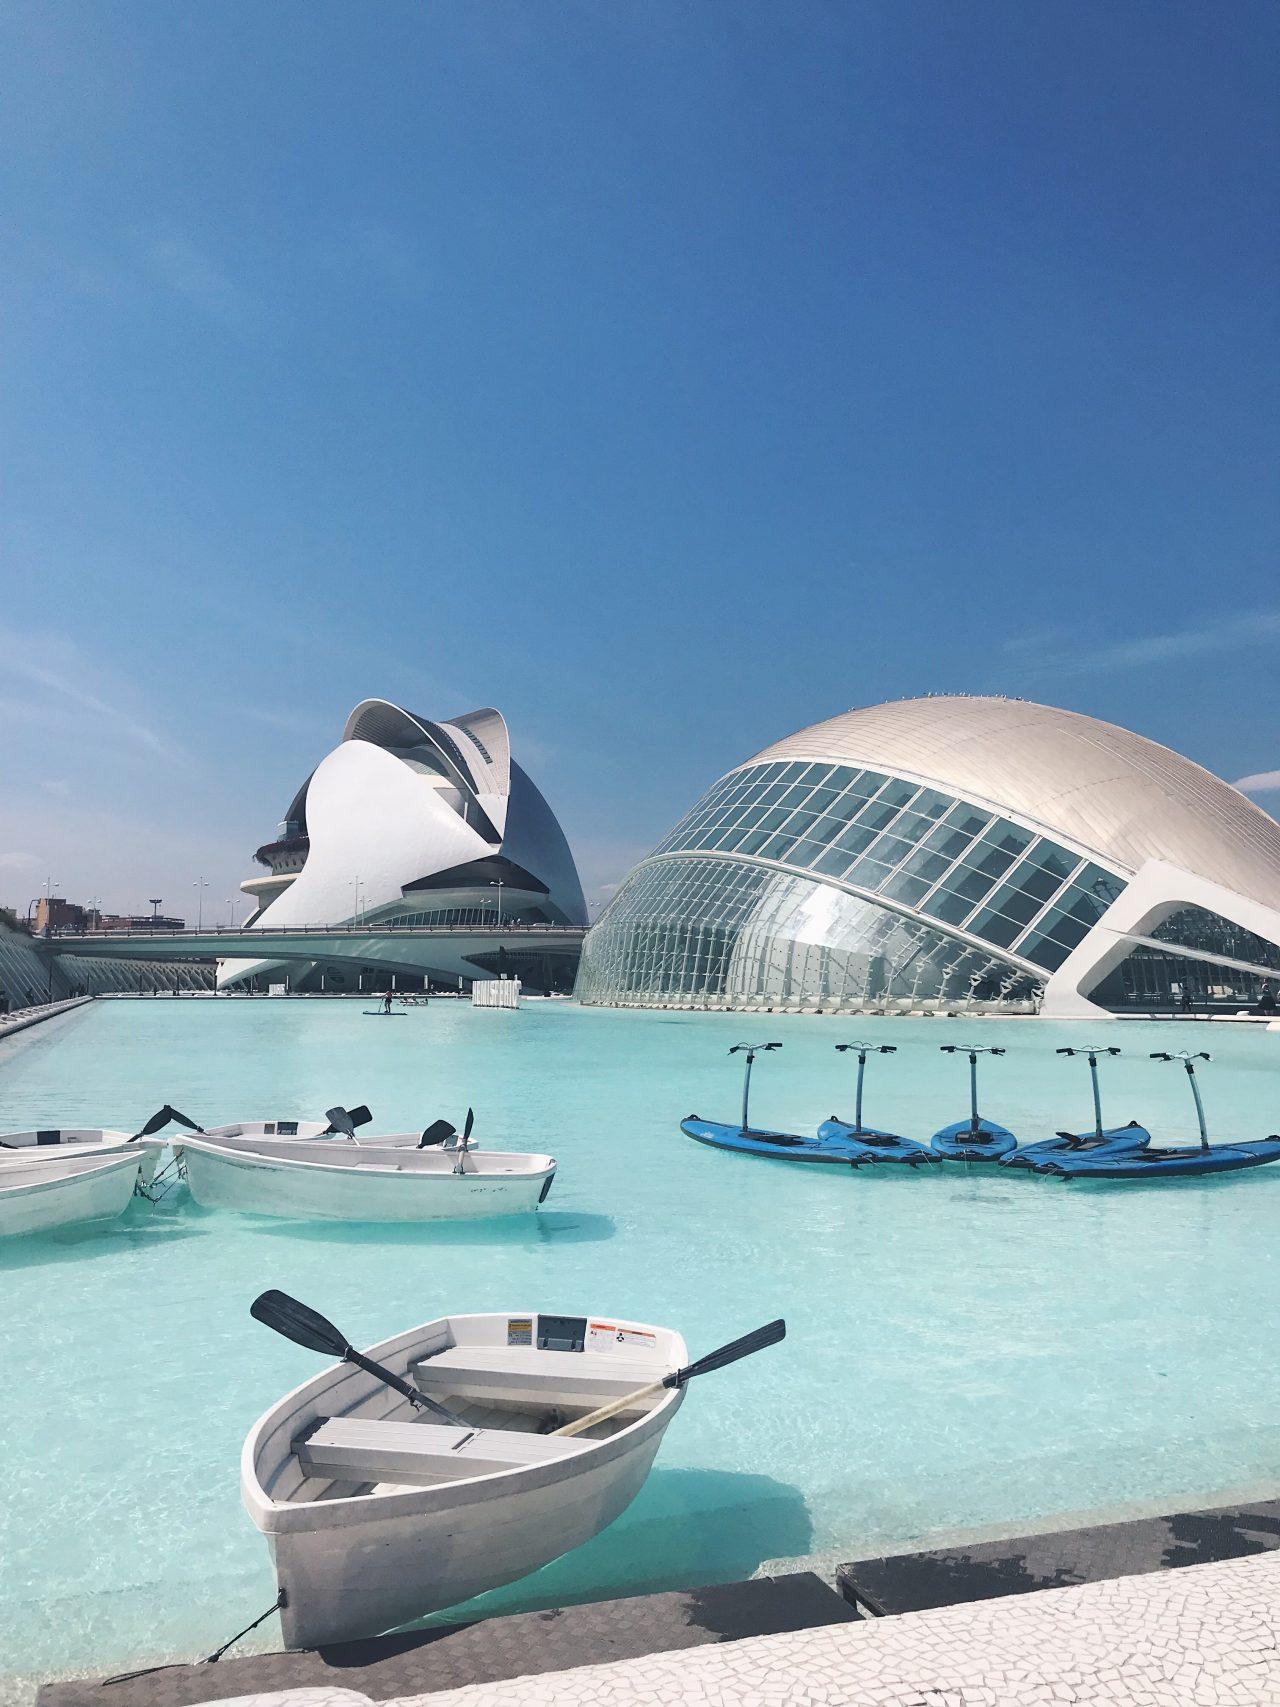 The City of Arts and Sciences in Valencia by Santiago Calatrava